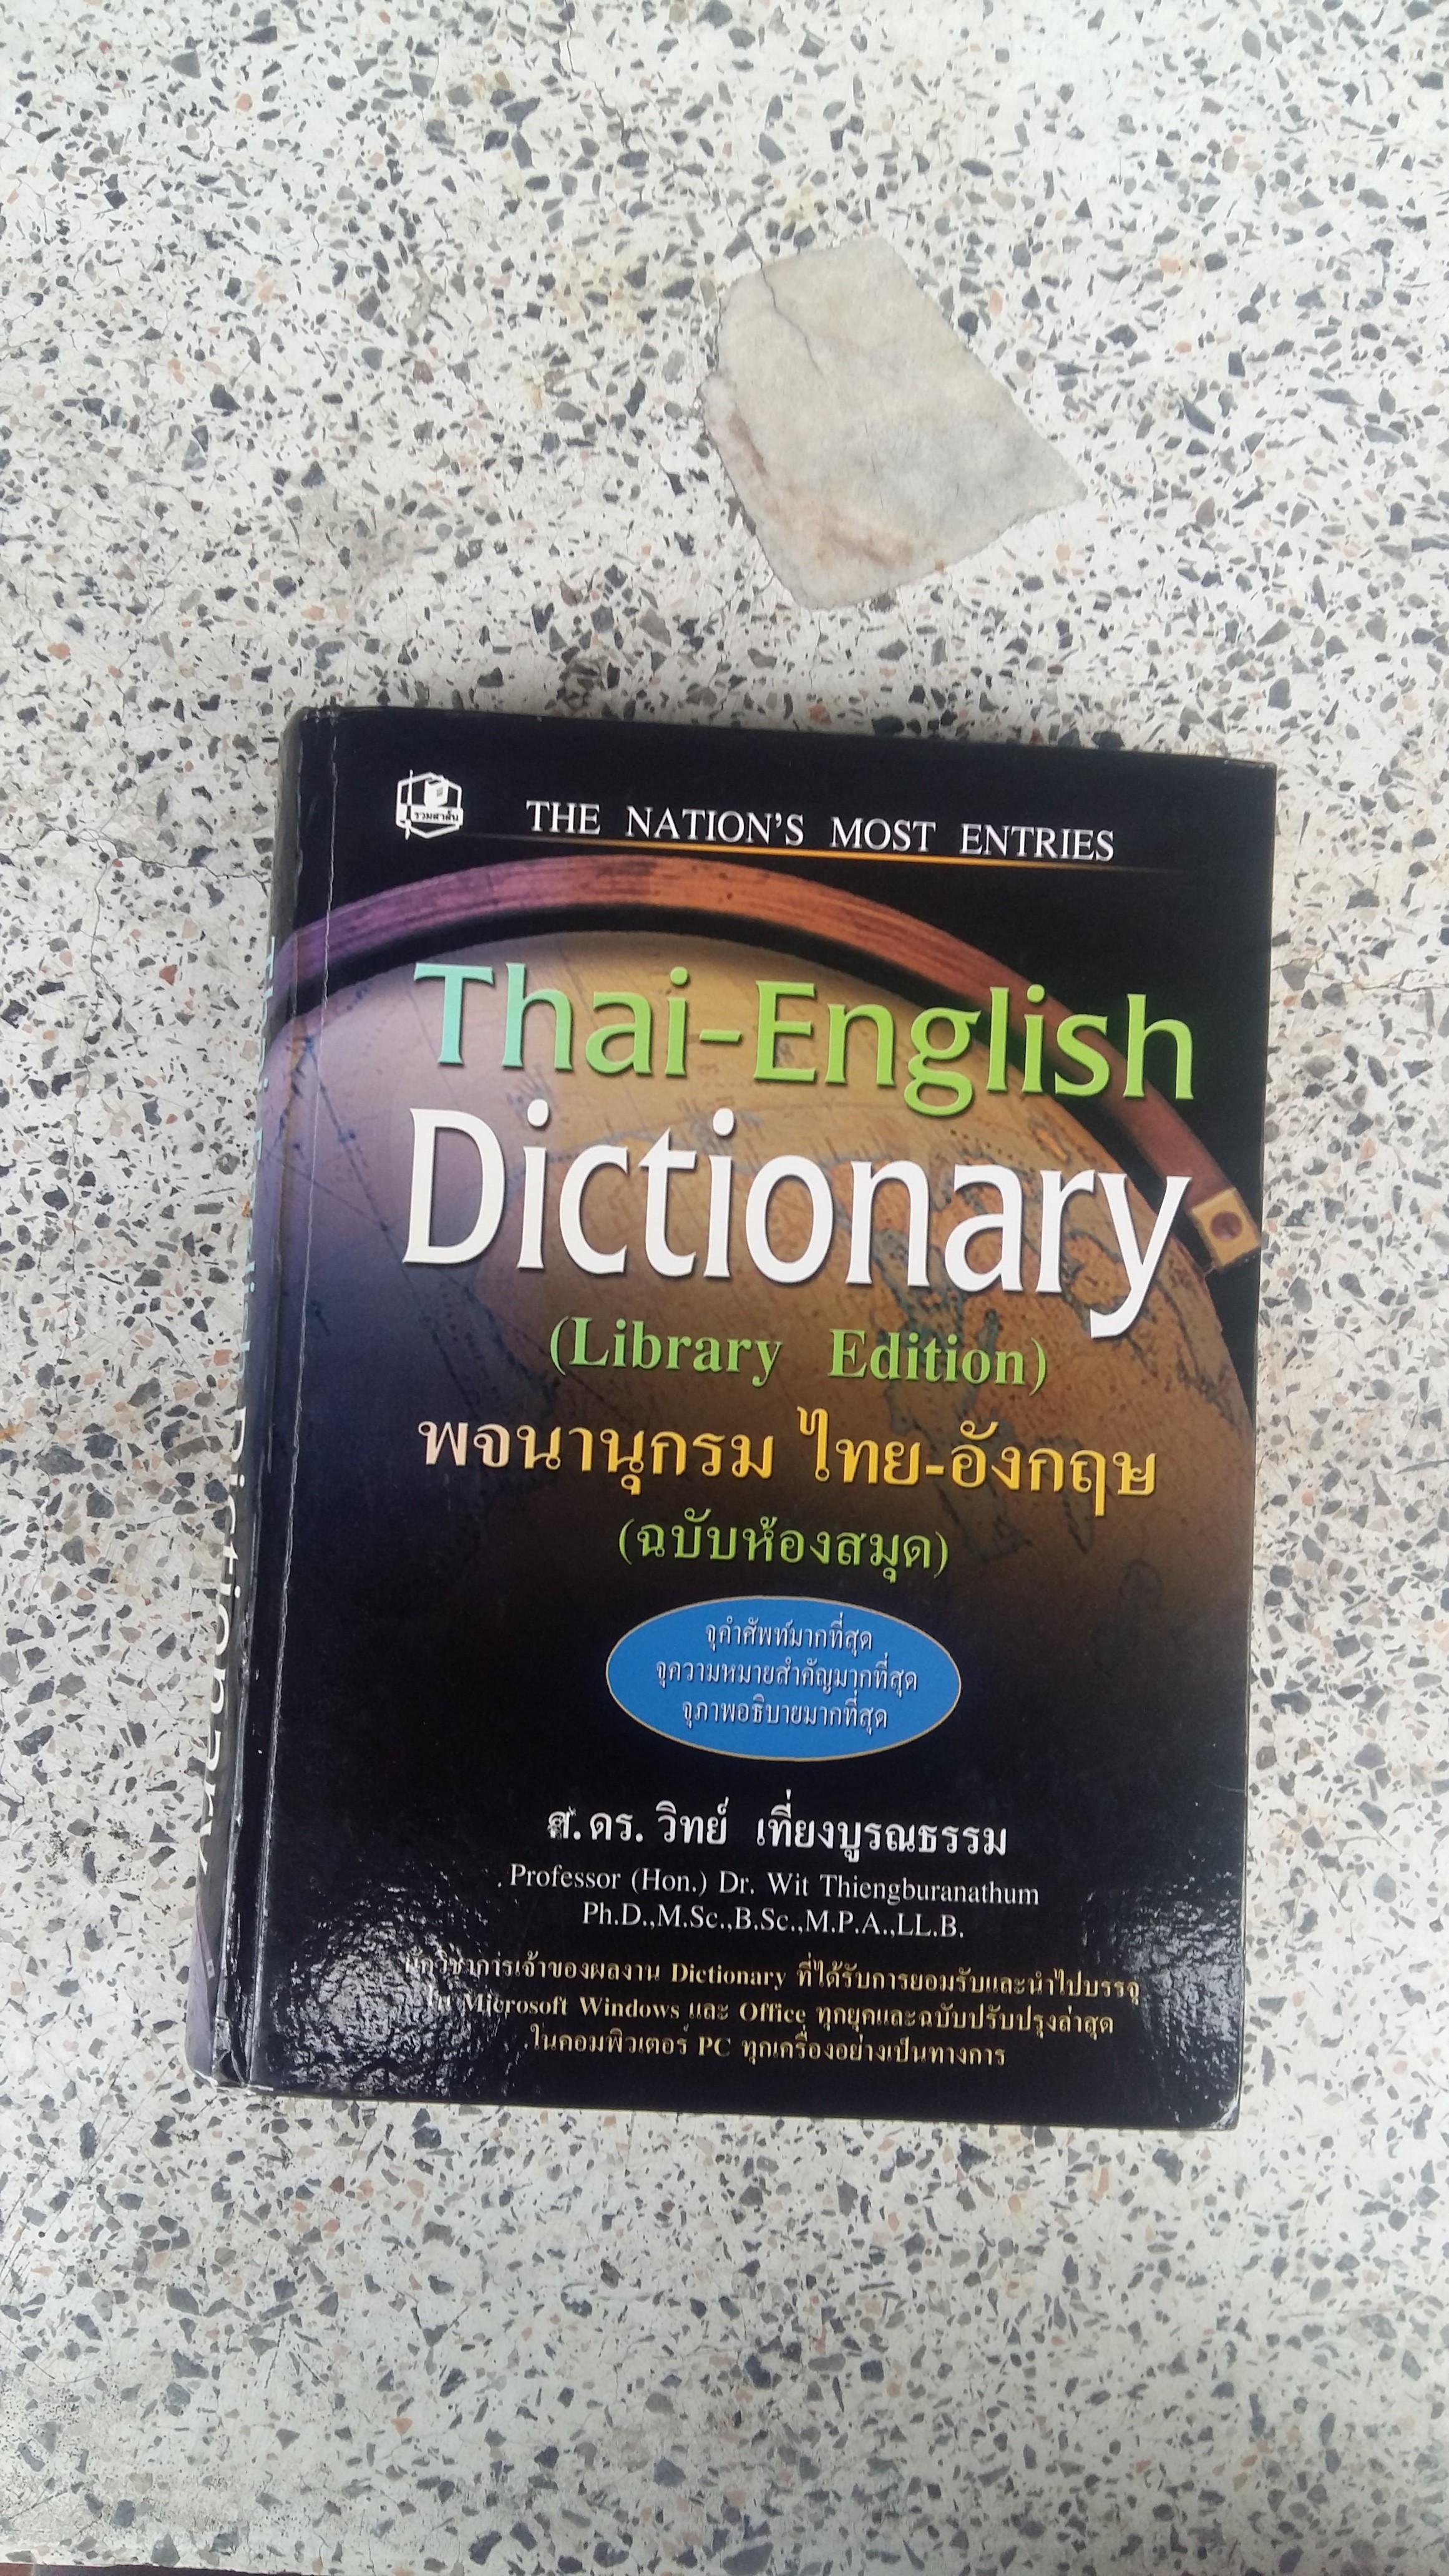 Thai - English Dictionary พจนานุกรม ไทย- อังกฤษ (ฉบับห้องสมุด) / ศ.ดร.วิทย์ เที่ยงบูรณธรรม